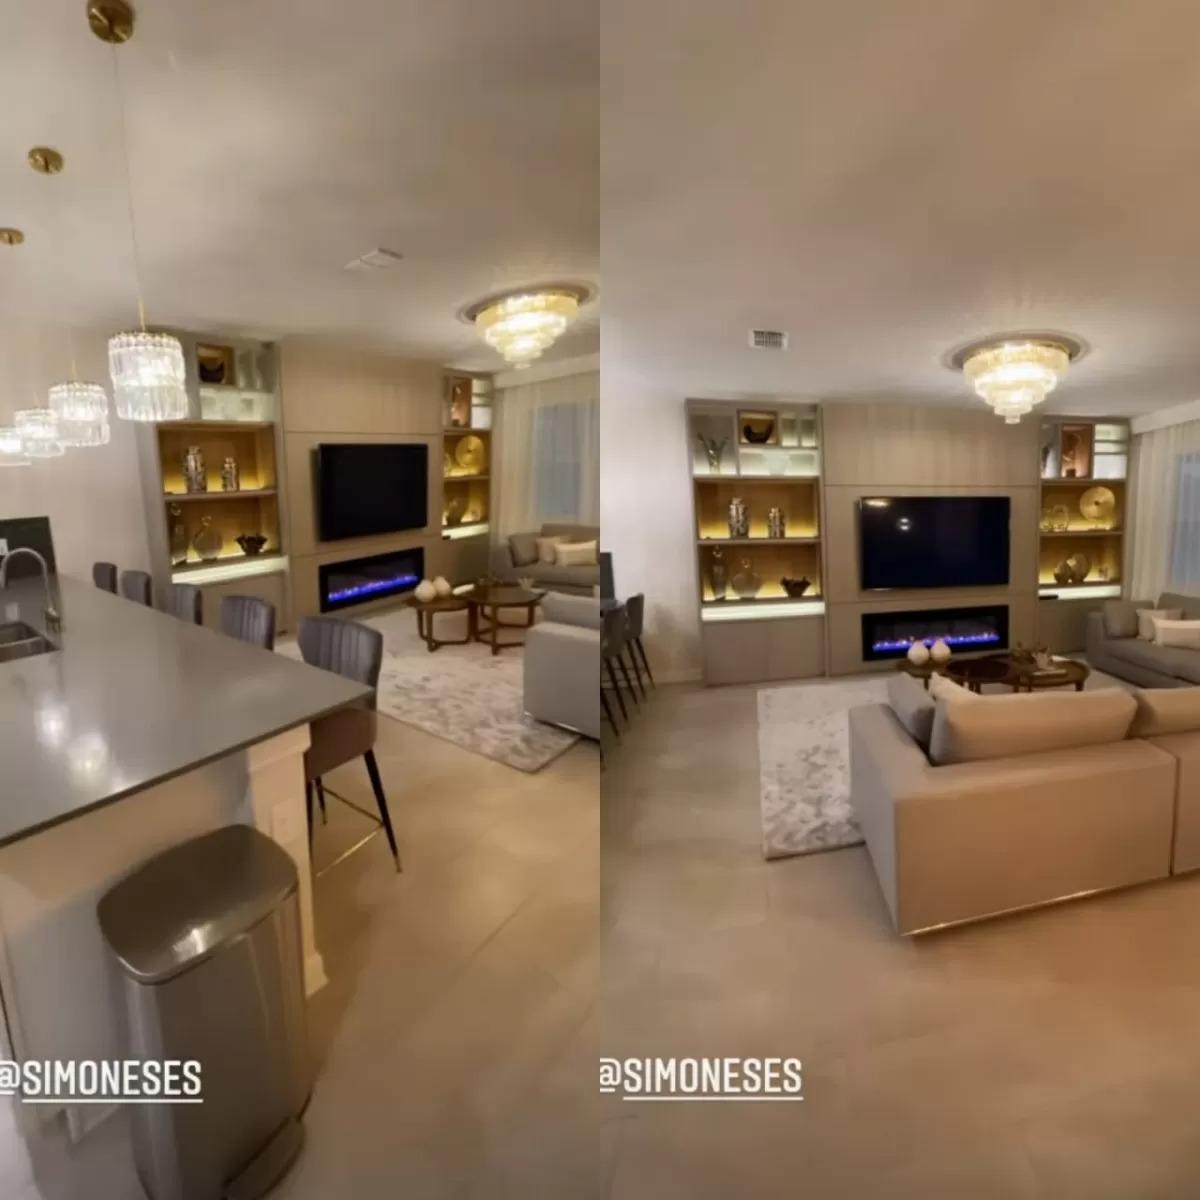 A Nova Casa De Simone Da Dupla Com Simaria Nos Estados Unidos 1624571351344 V2 1200×1200.jpg